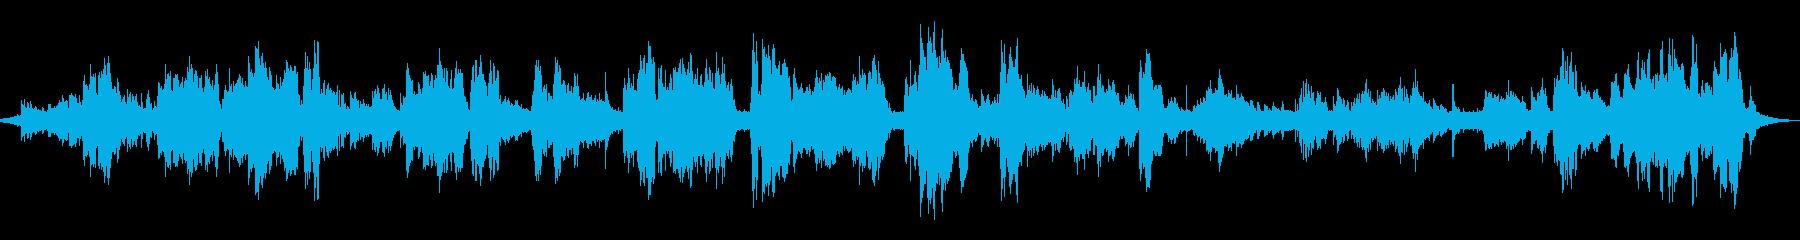 環境音を取り入れた日本の伝統的音楽の再生済みの波形